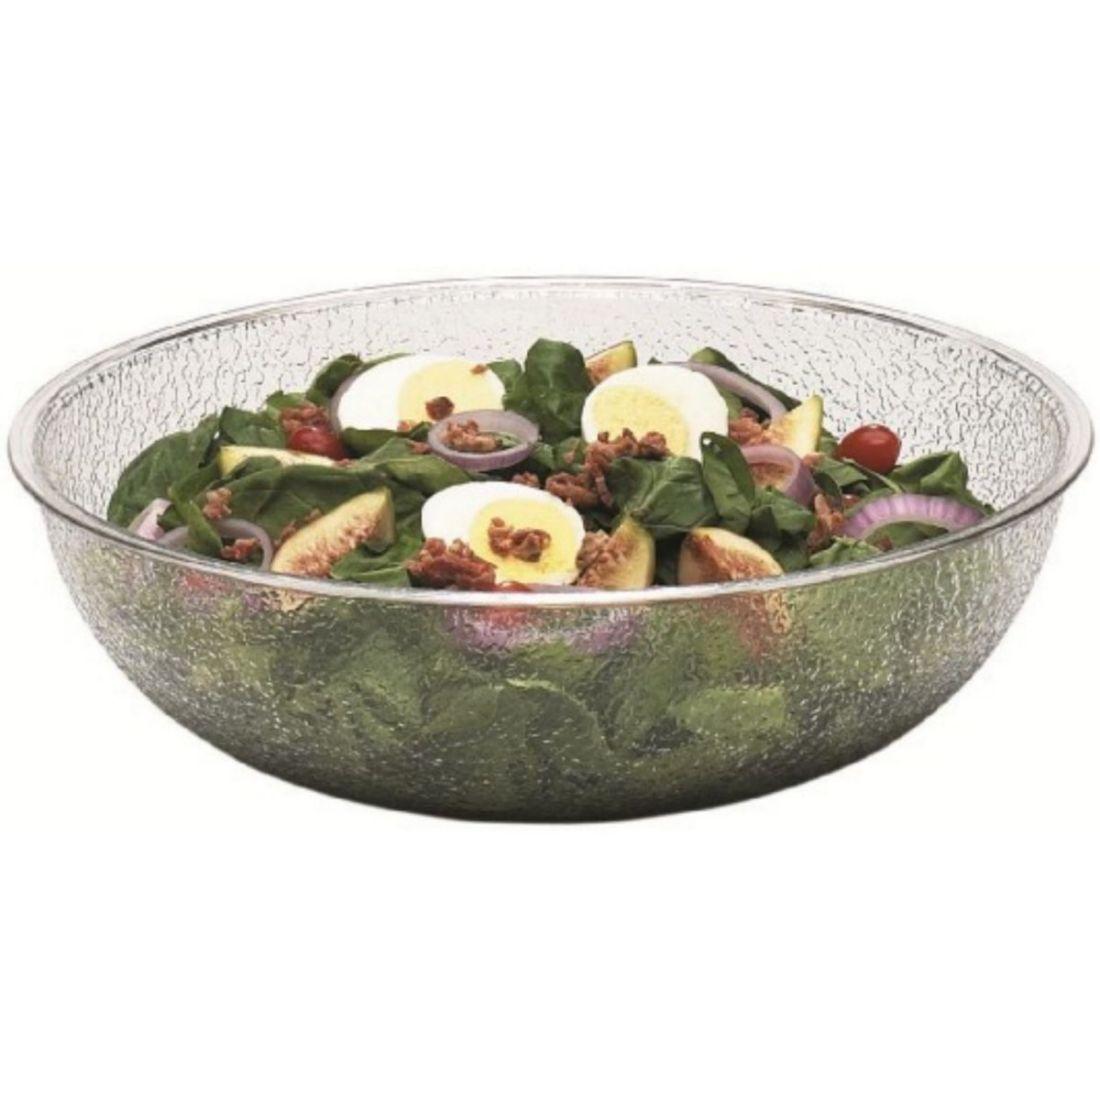 Mísa salátová pr.15,2 cm, objem 0,56 l